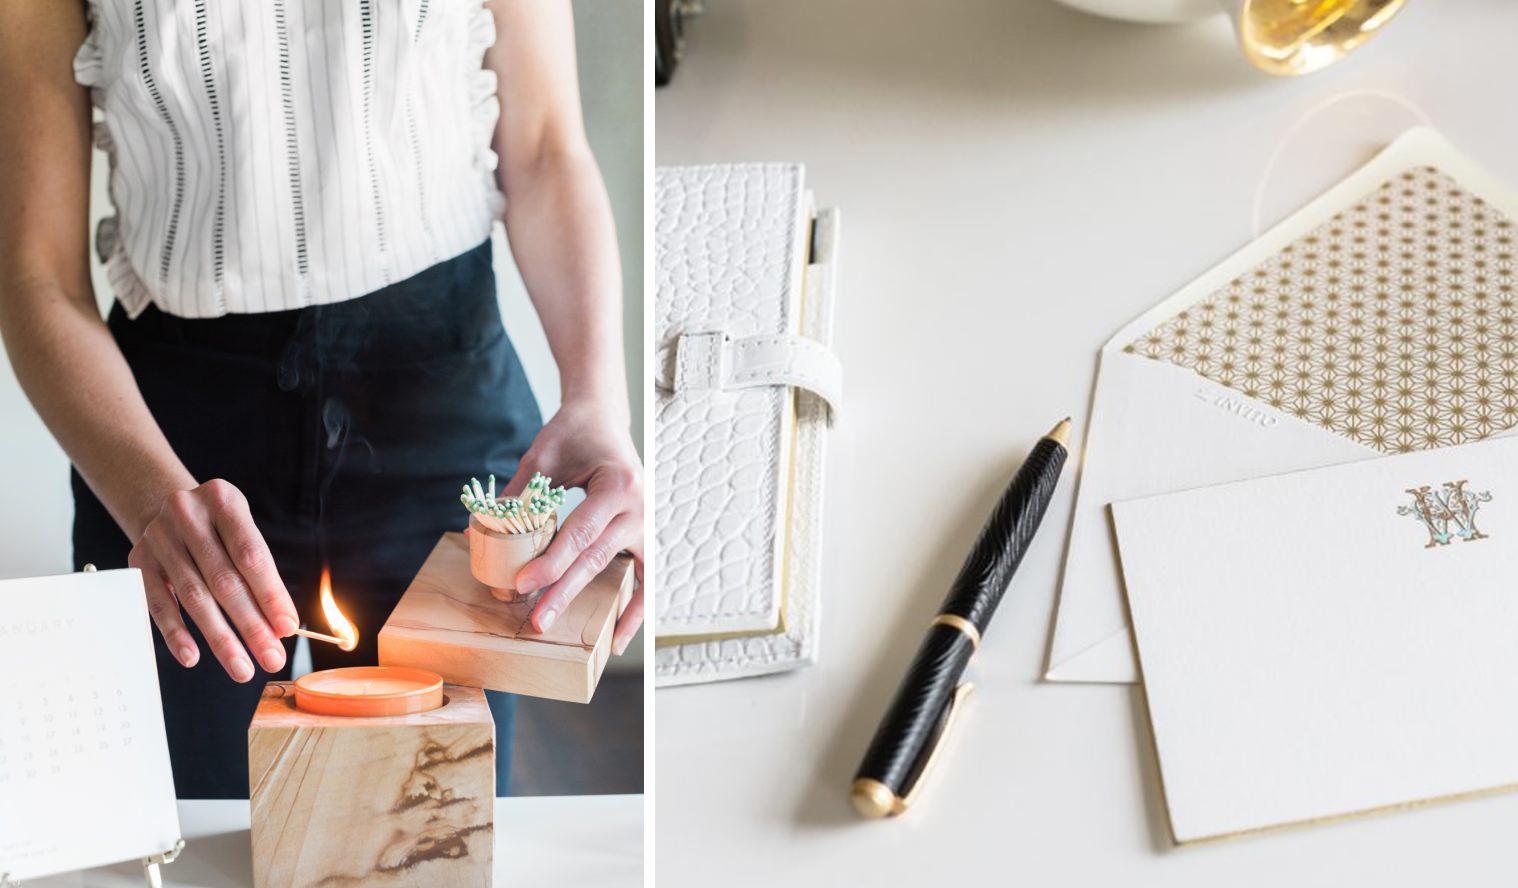 etiquette911 dress your desk for success